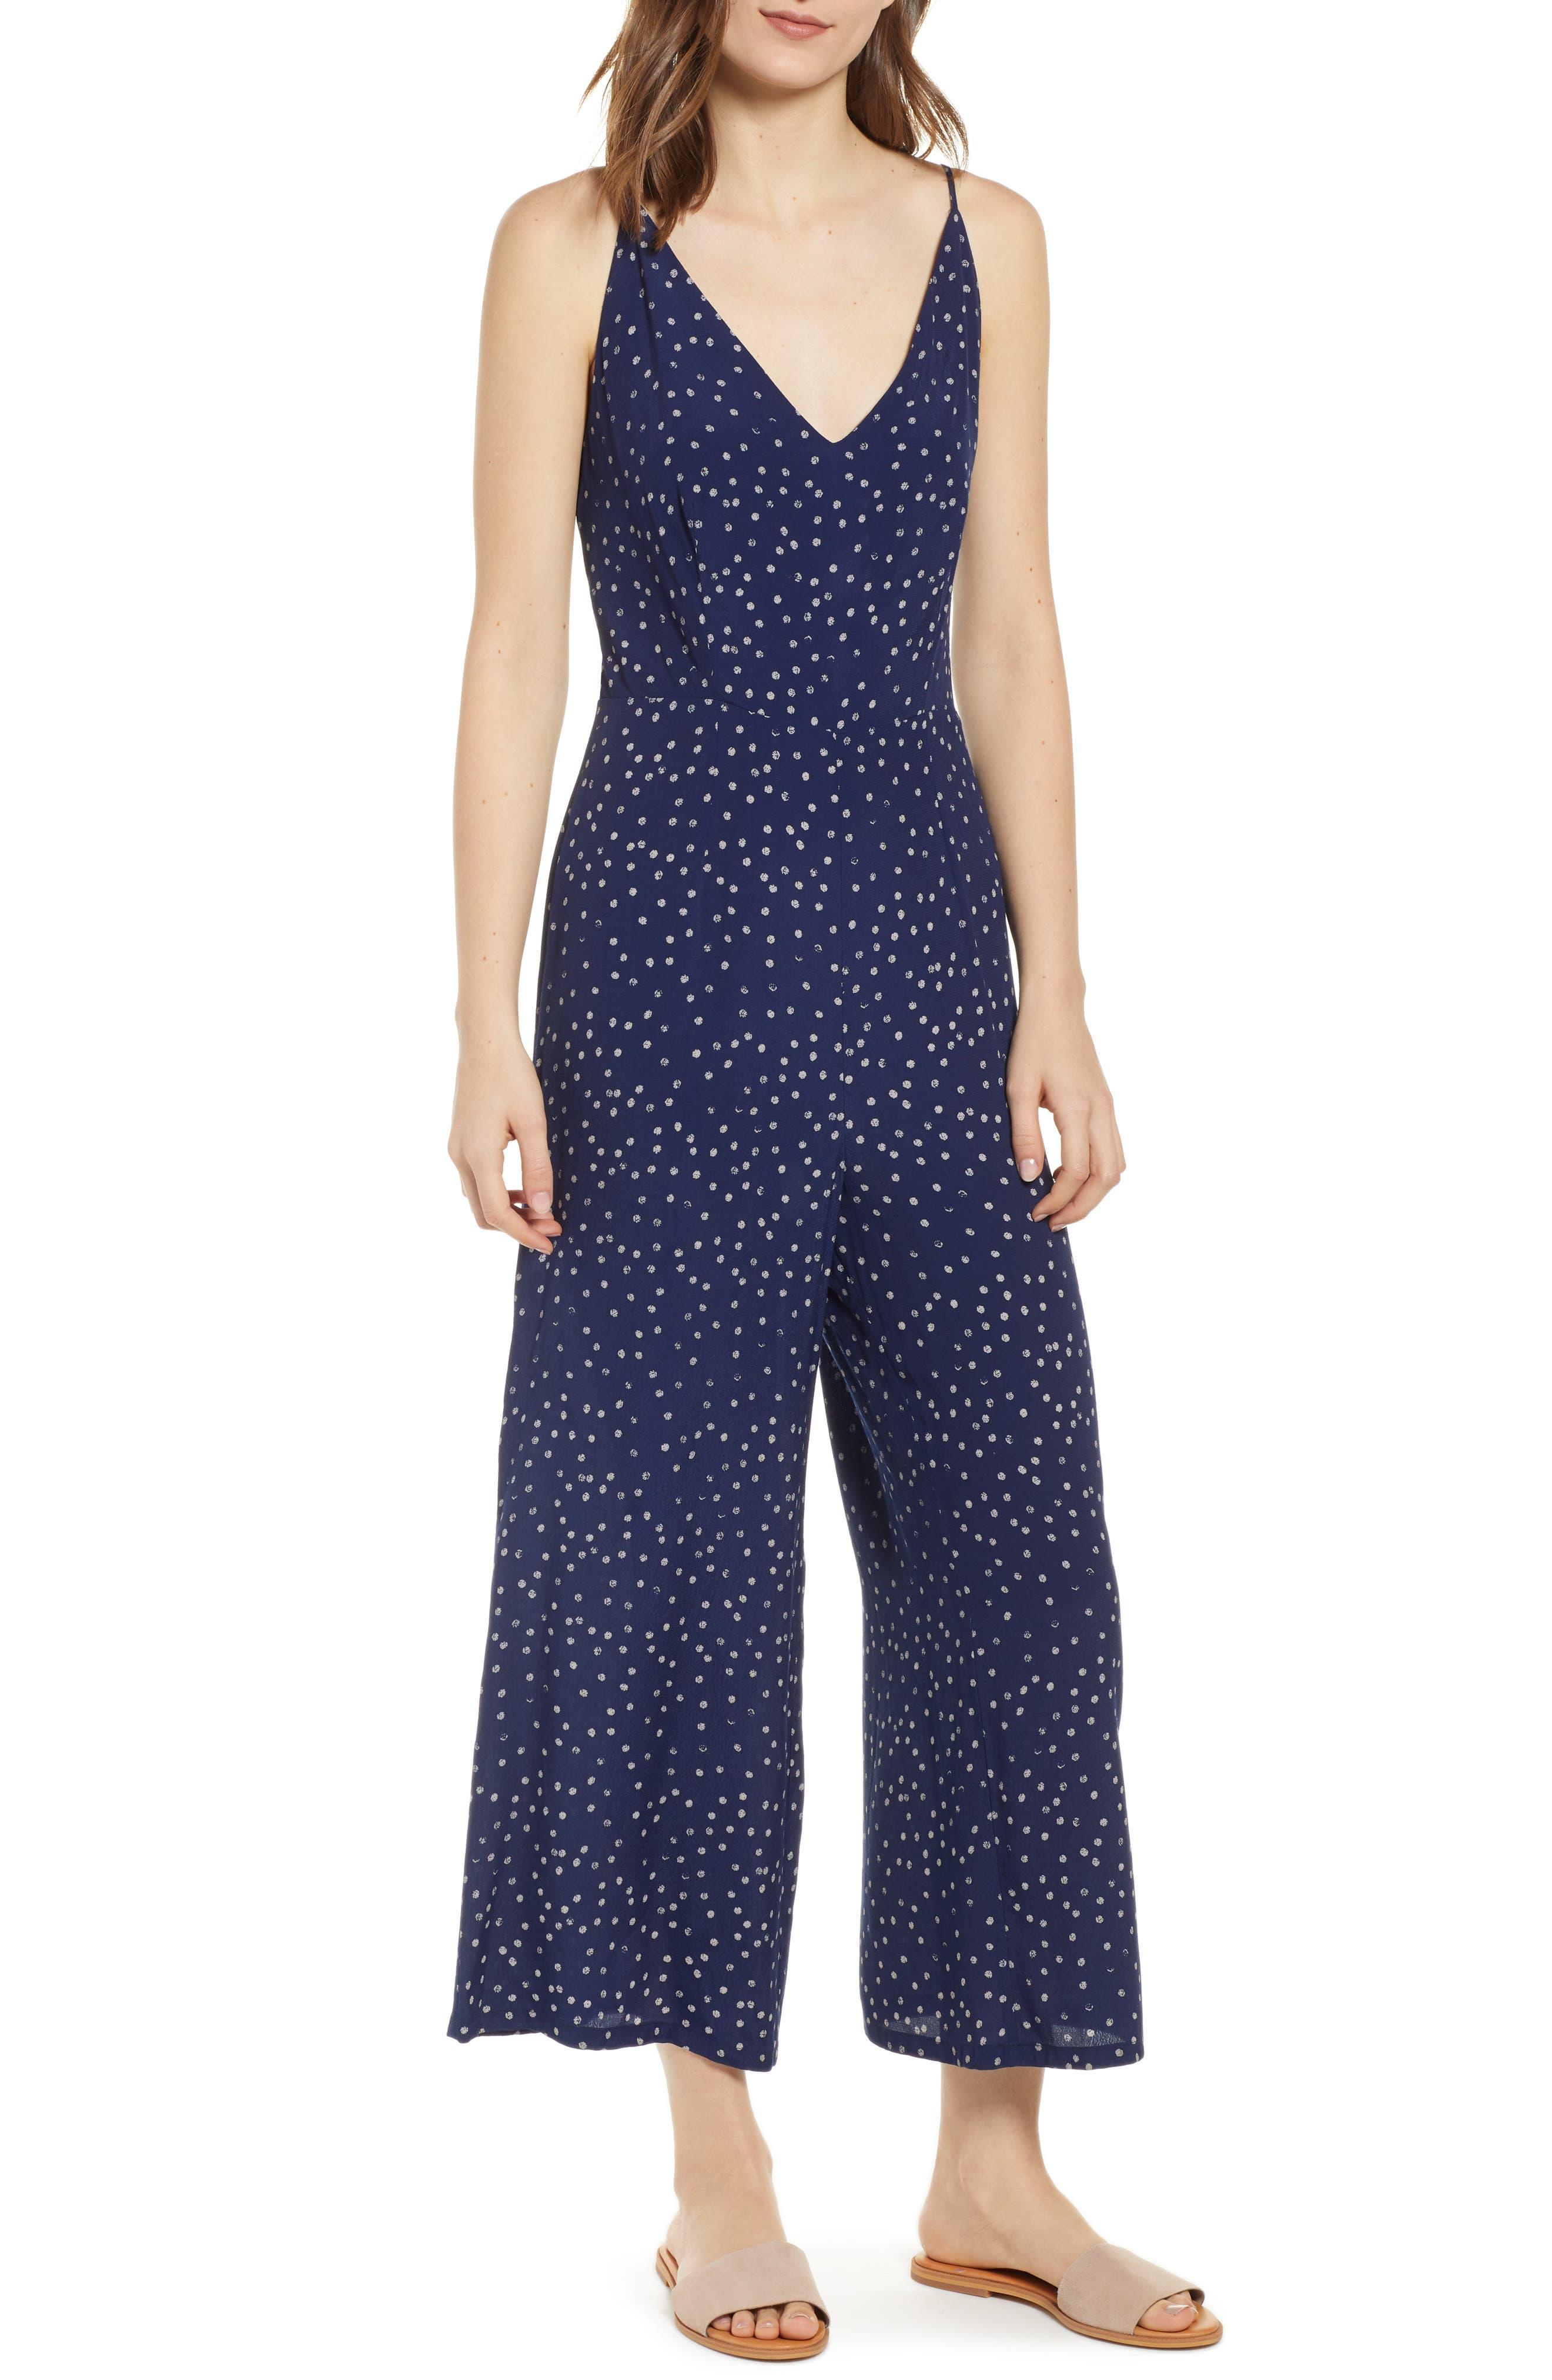 Gabrielle Wide Leg Crop Jumpsuit, Main, color, NAVY SPECKLED DOT